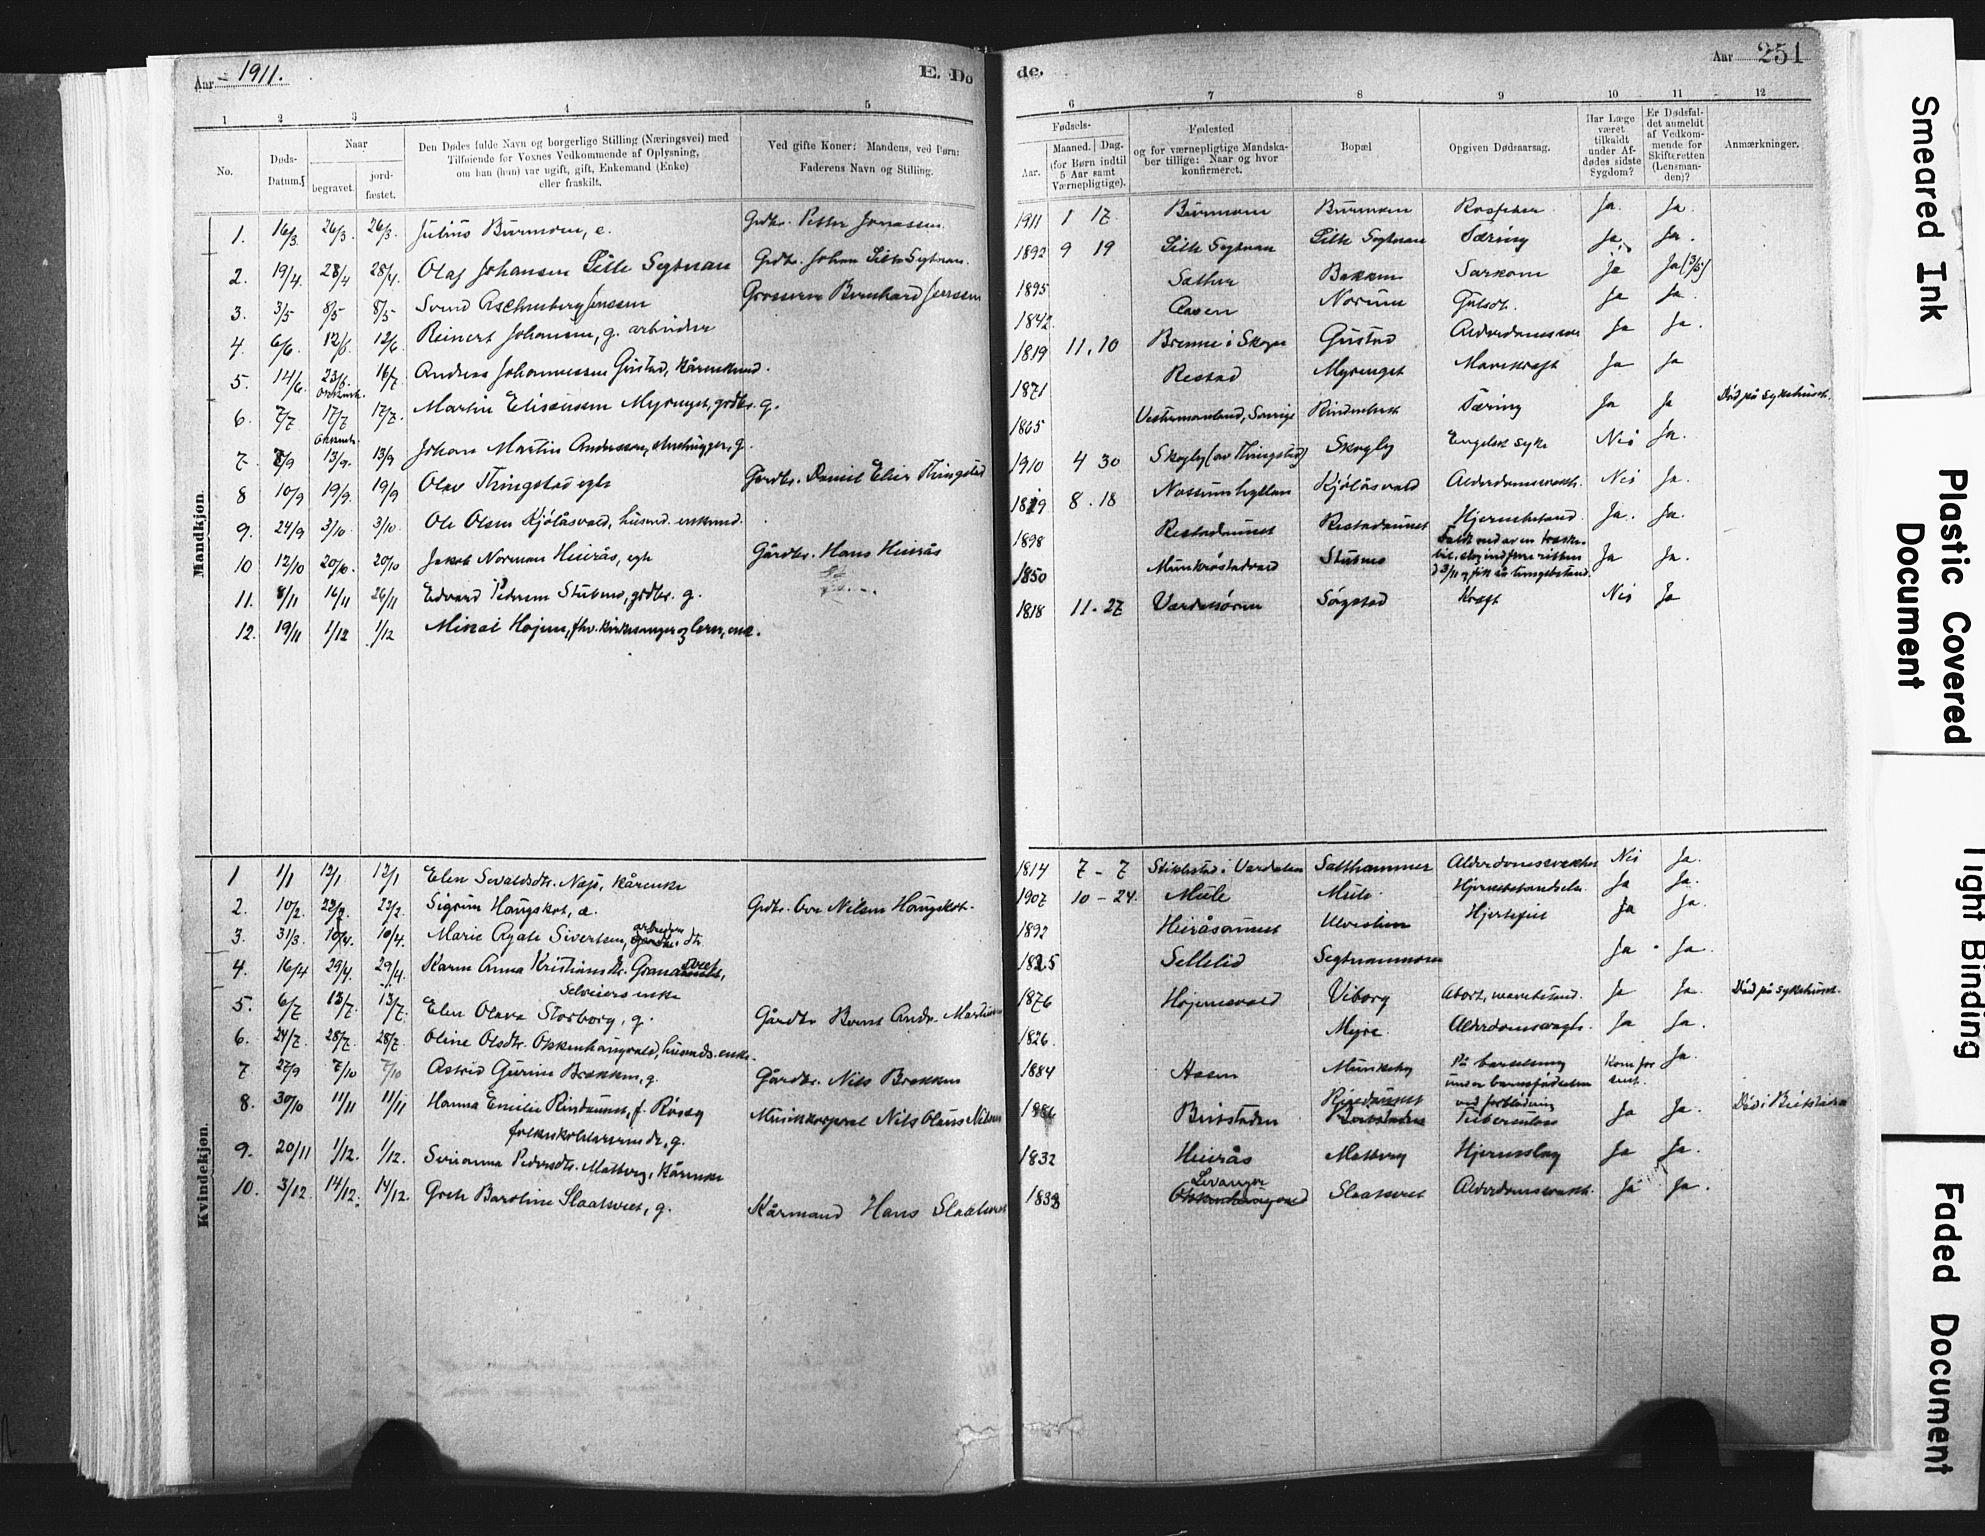 SAT, Ministerialprotokoller, klokkerbøker og fødselsregistre - Nord-Trøndelag, 721/L0207: Ministerialbok nr. 721A02, 1880-1911, s. 251